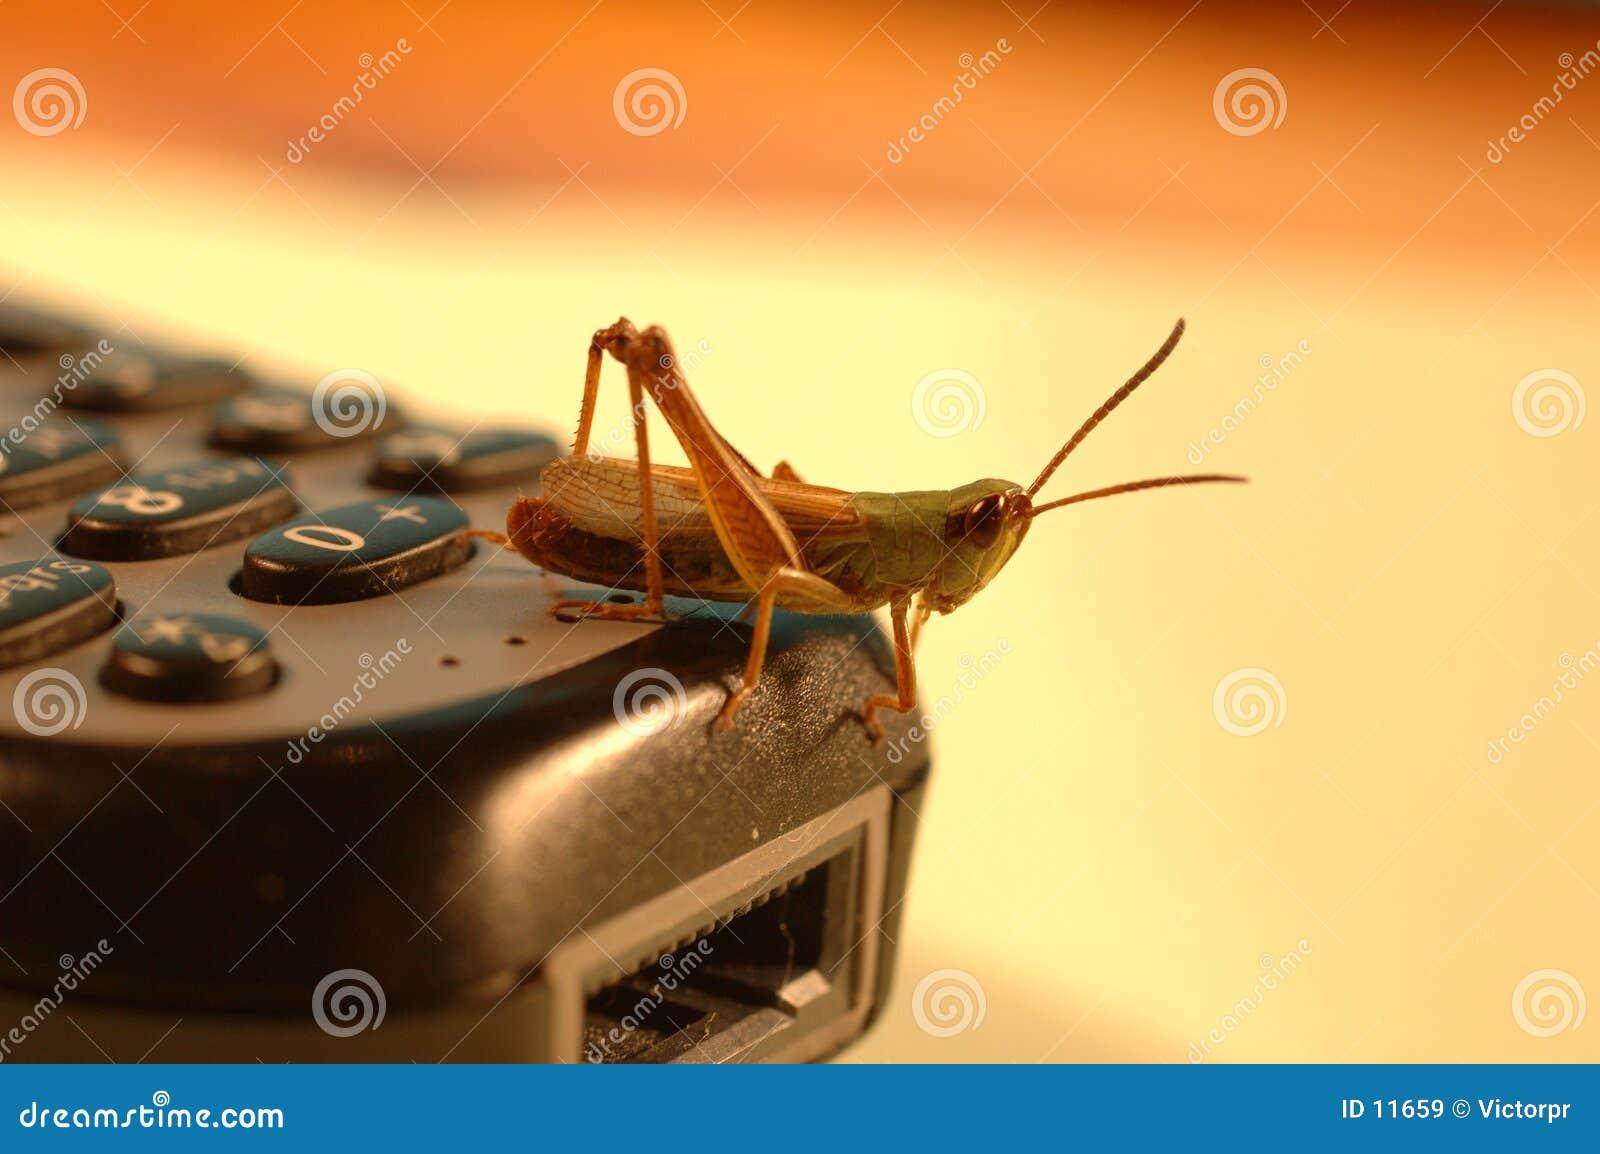 Mobile grasshopper